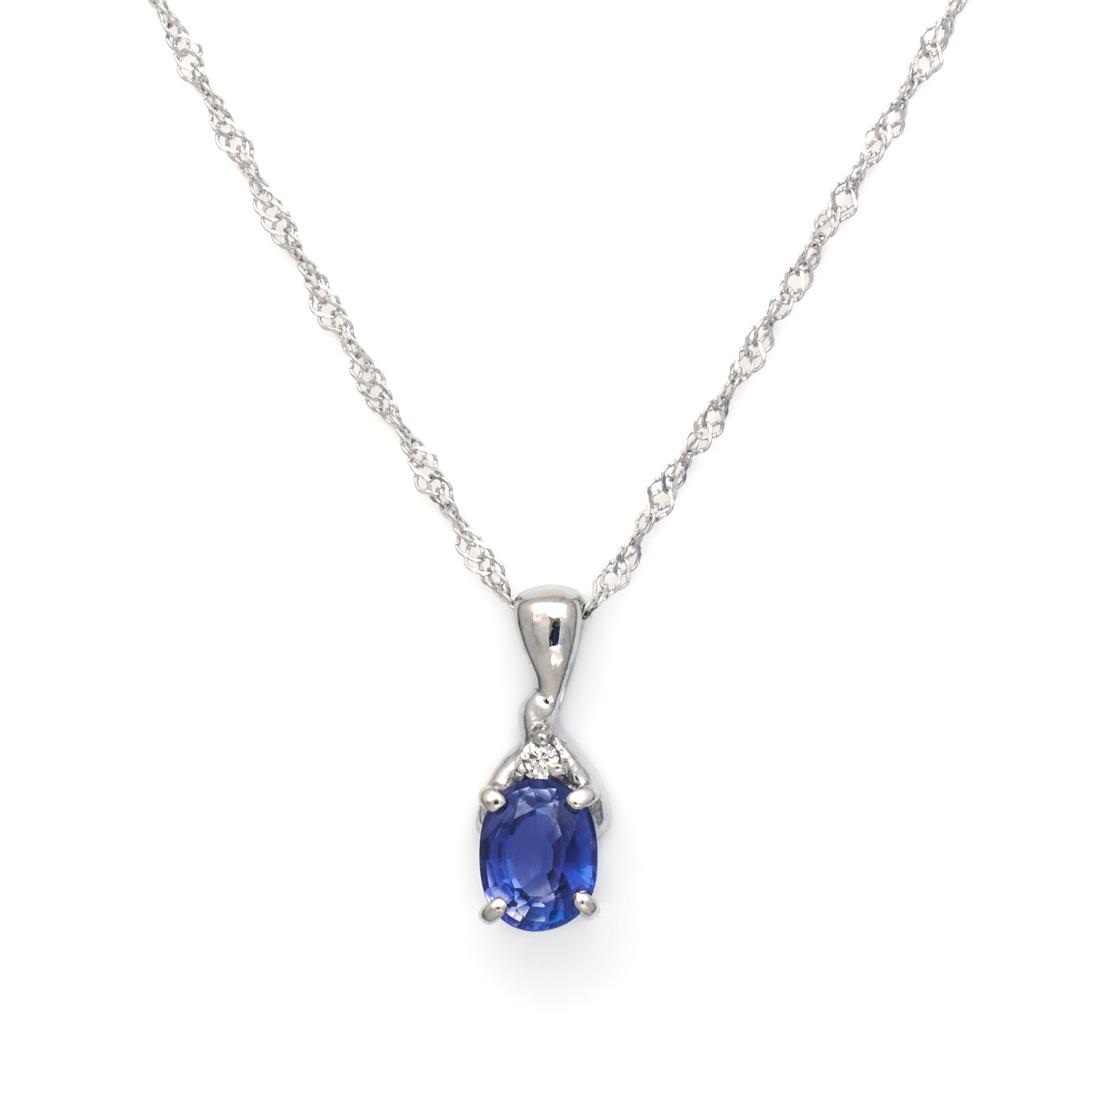 【GWクーポン配布中】ペンダント ブルーサファイア ダイヤモンド 「calzare」 ゴールド K18 送料無料